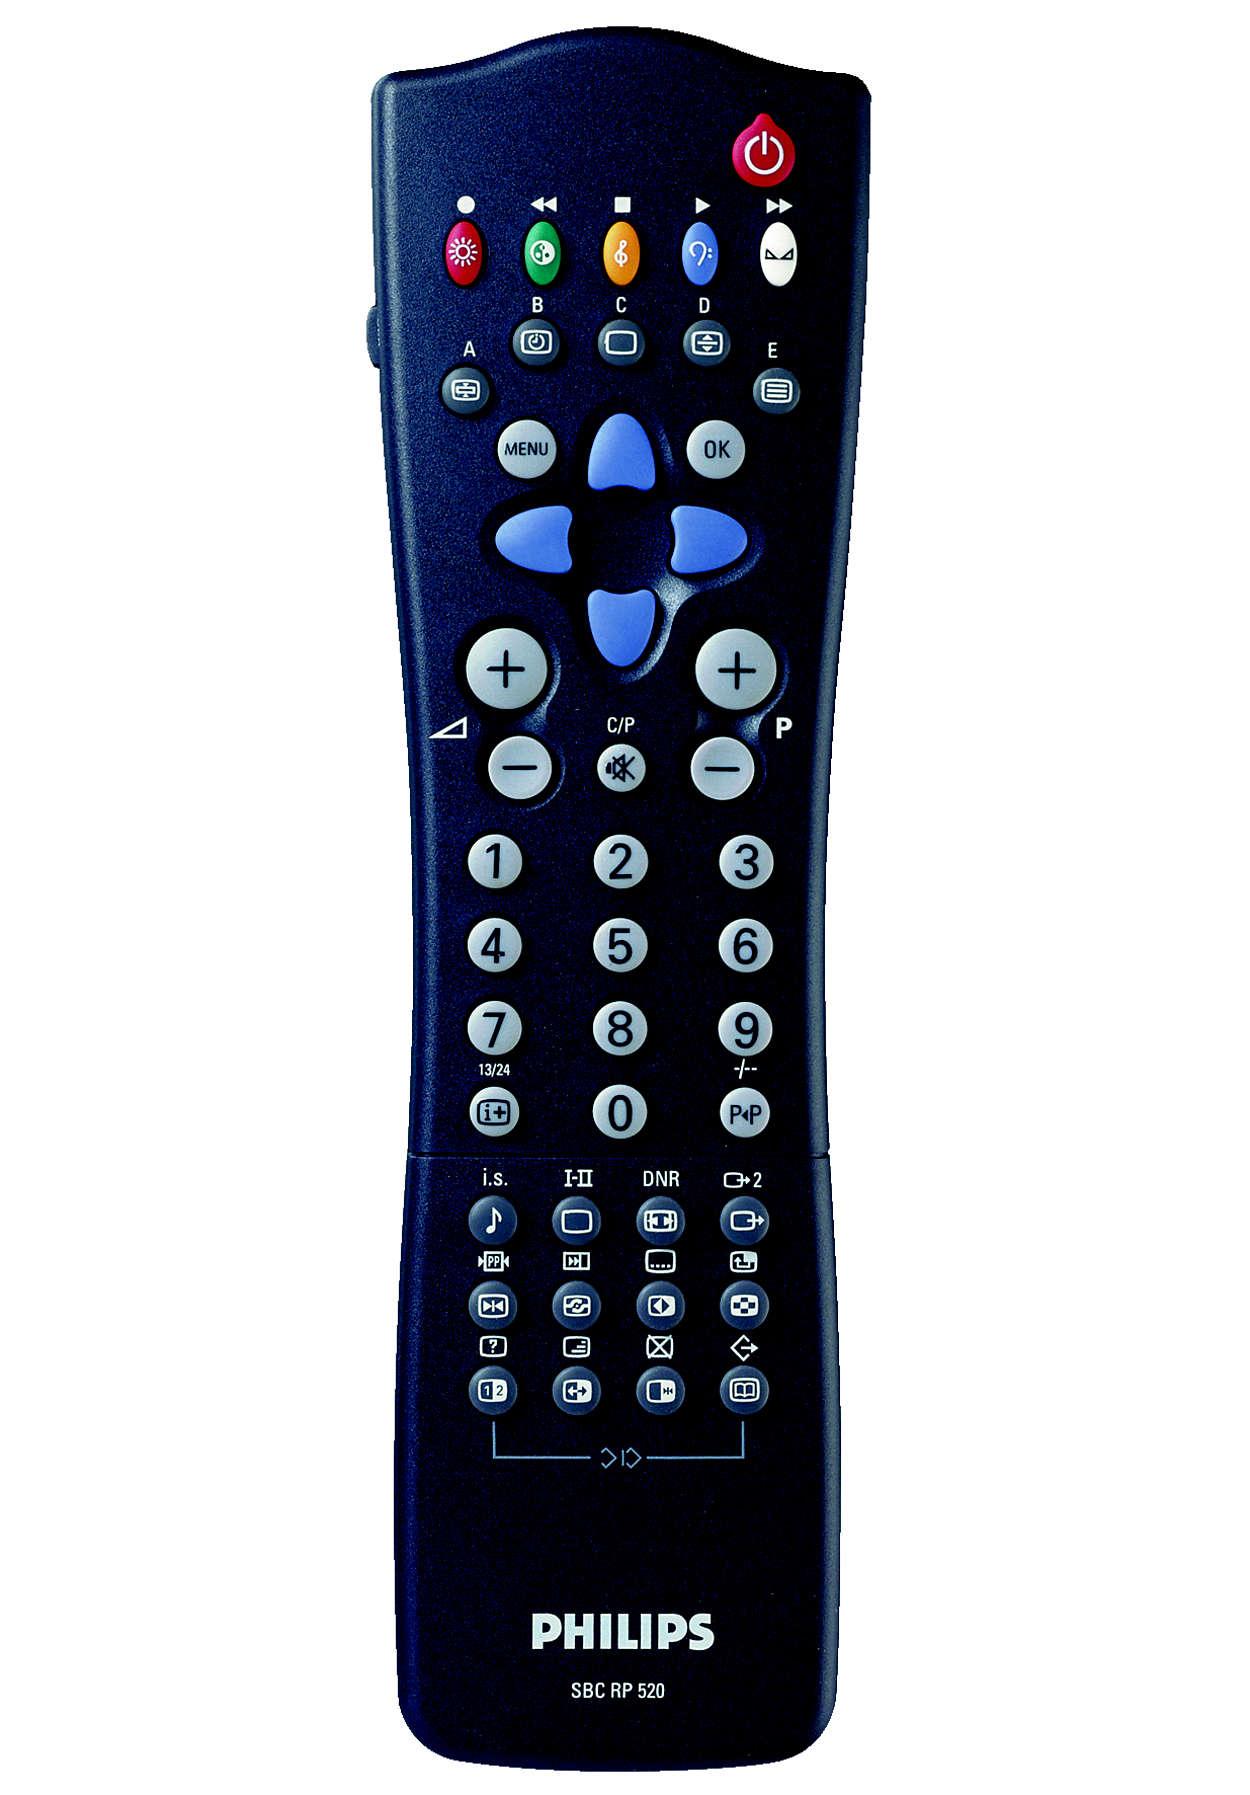 Assicura le stesse funzioni del telecomando originale